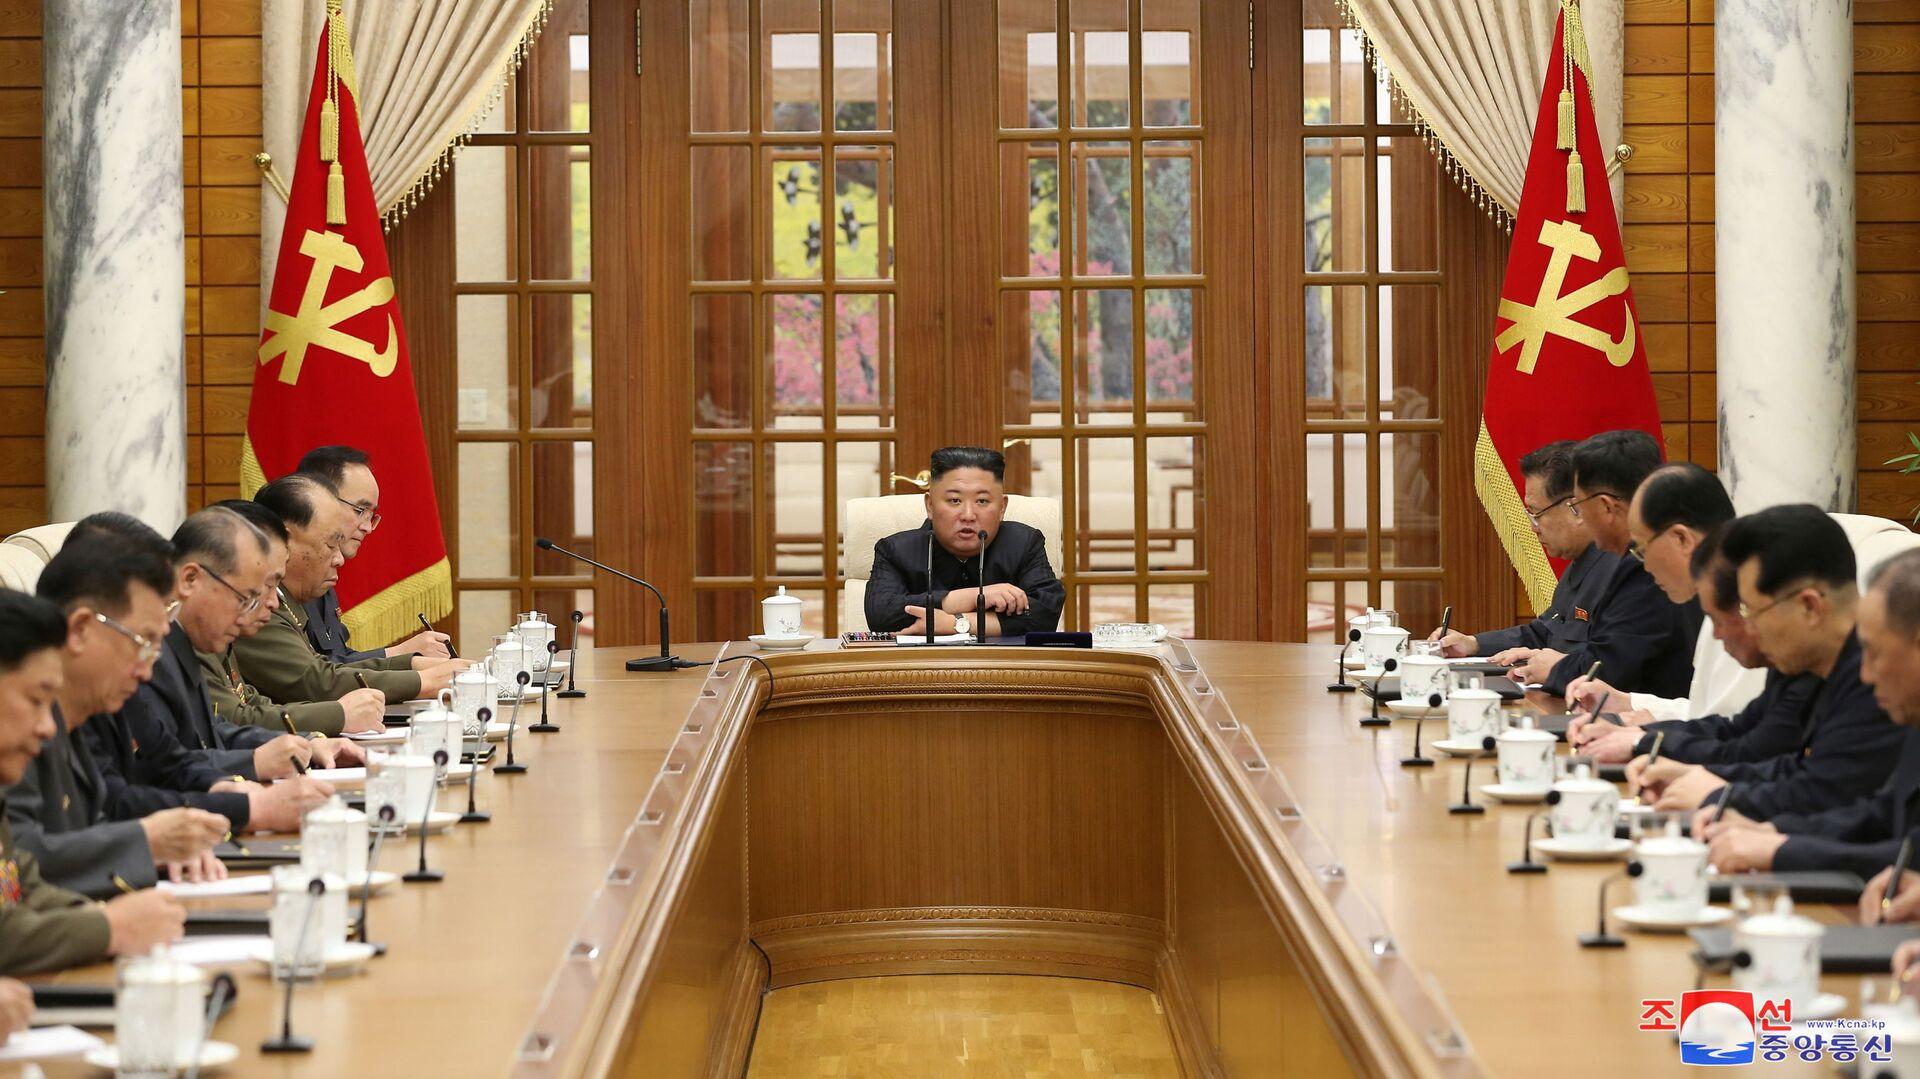 Lídr Severní Koreje Kim Čong-un - Sputnik Česká republika, 1920, 05.06.2021